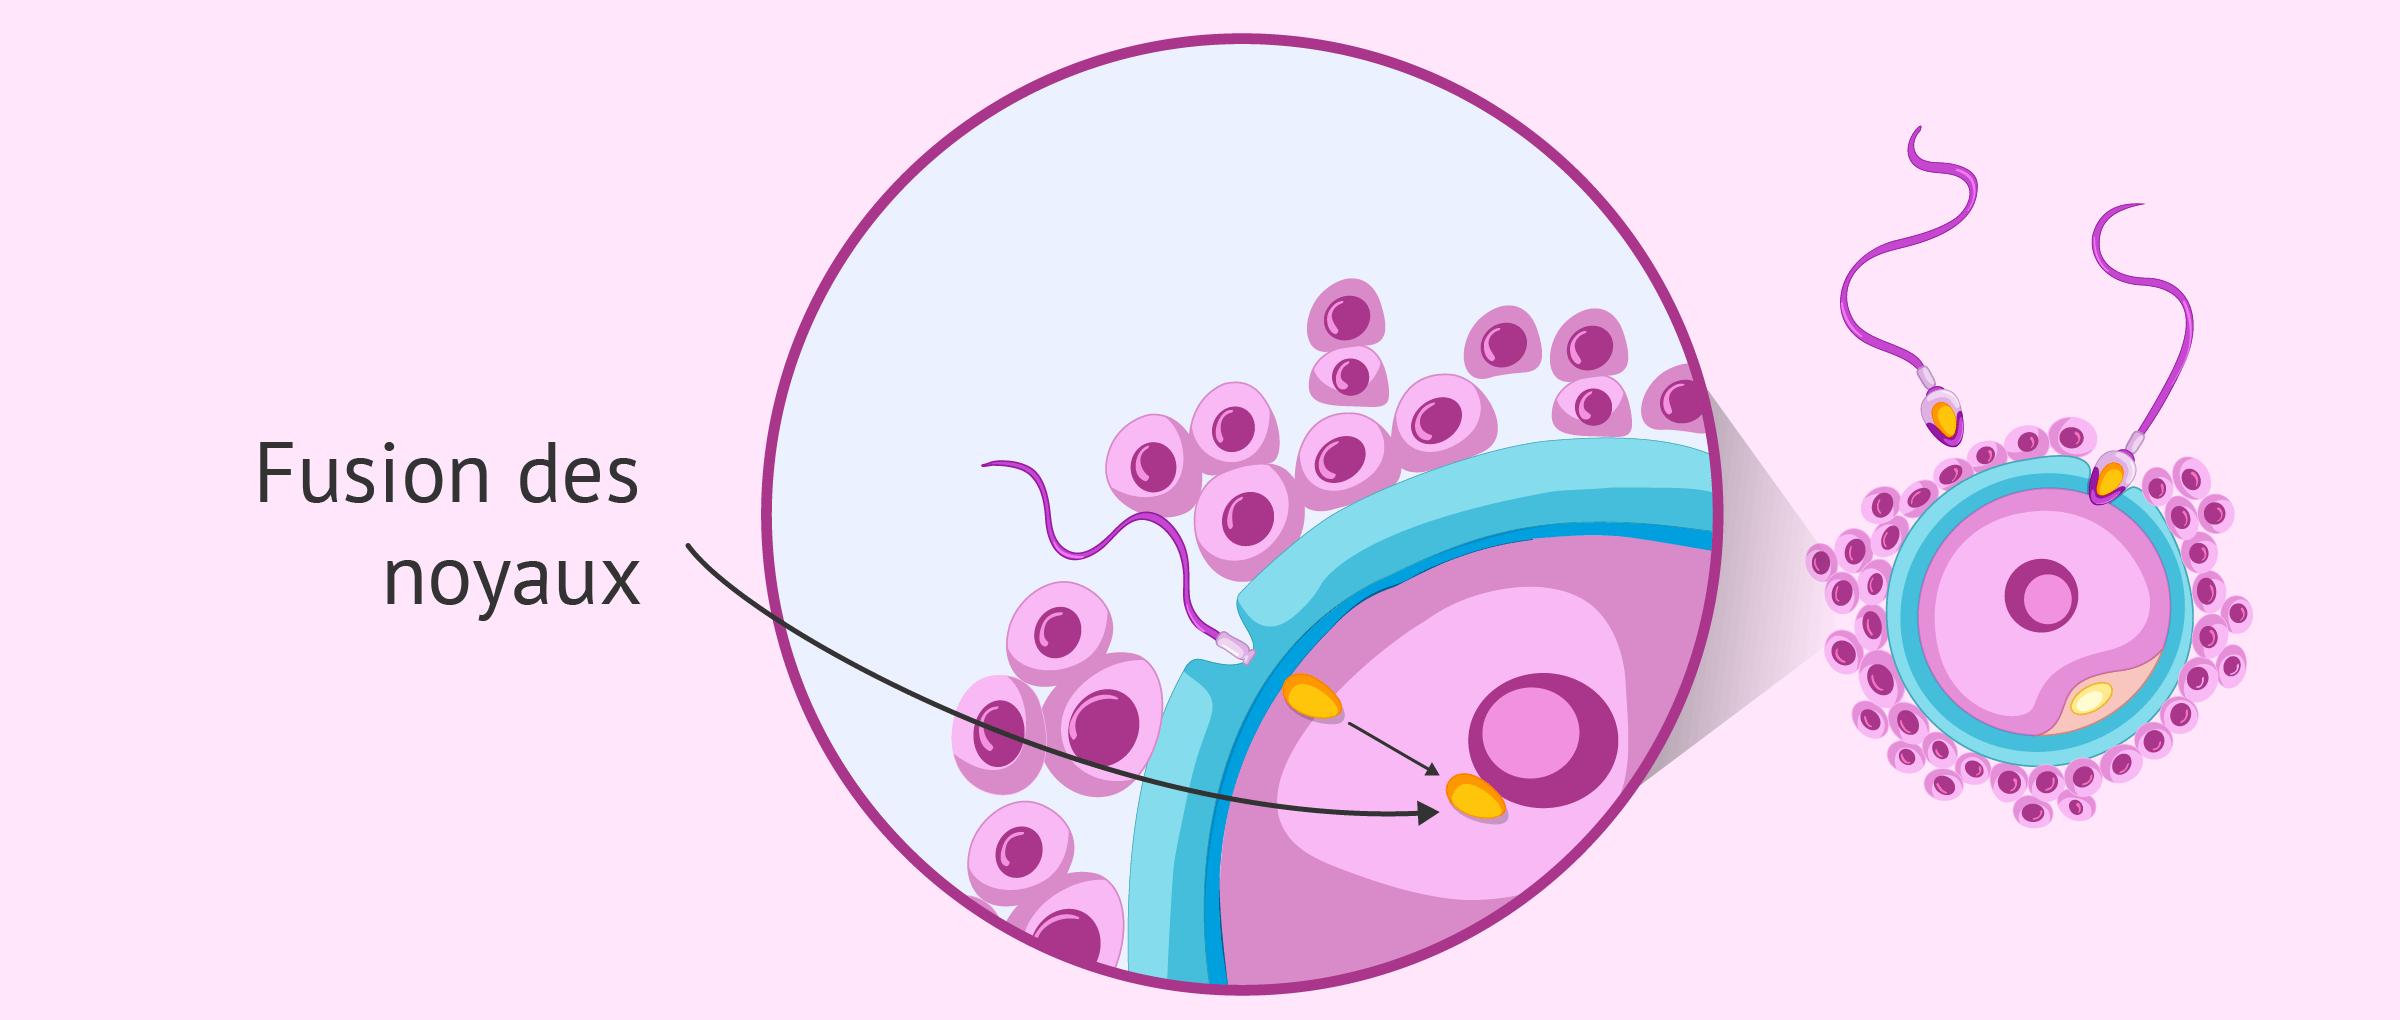 Fusion des noyaux